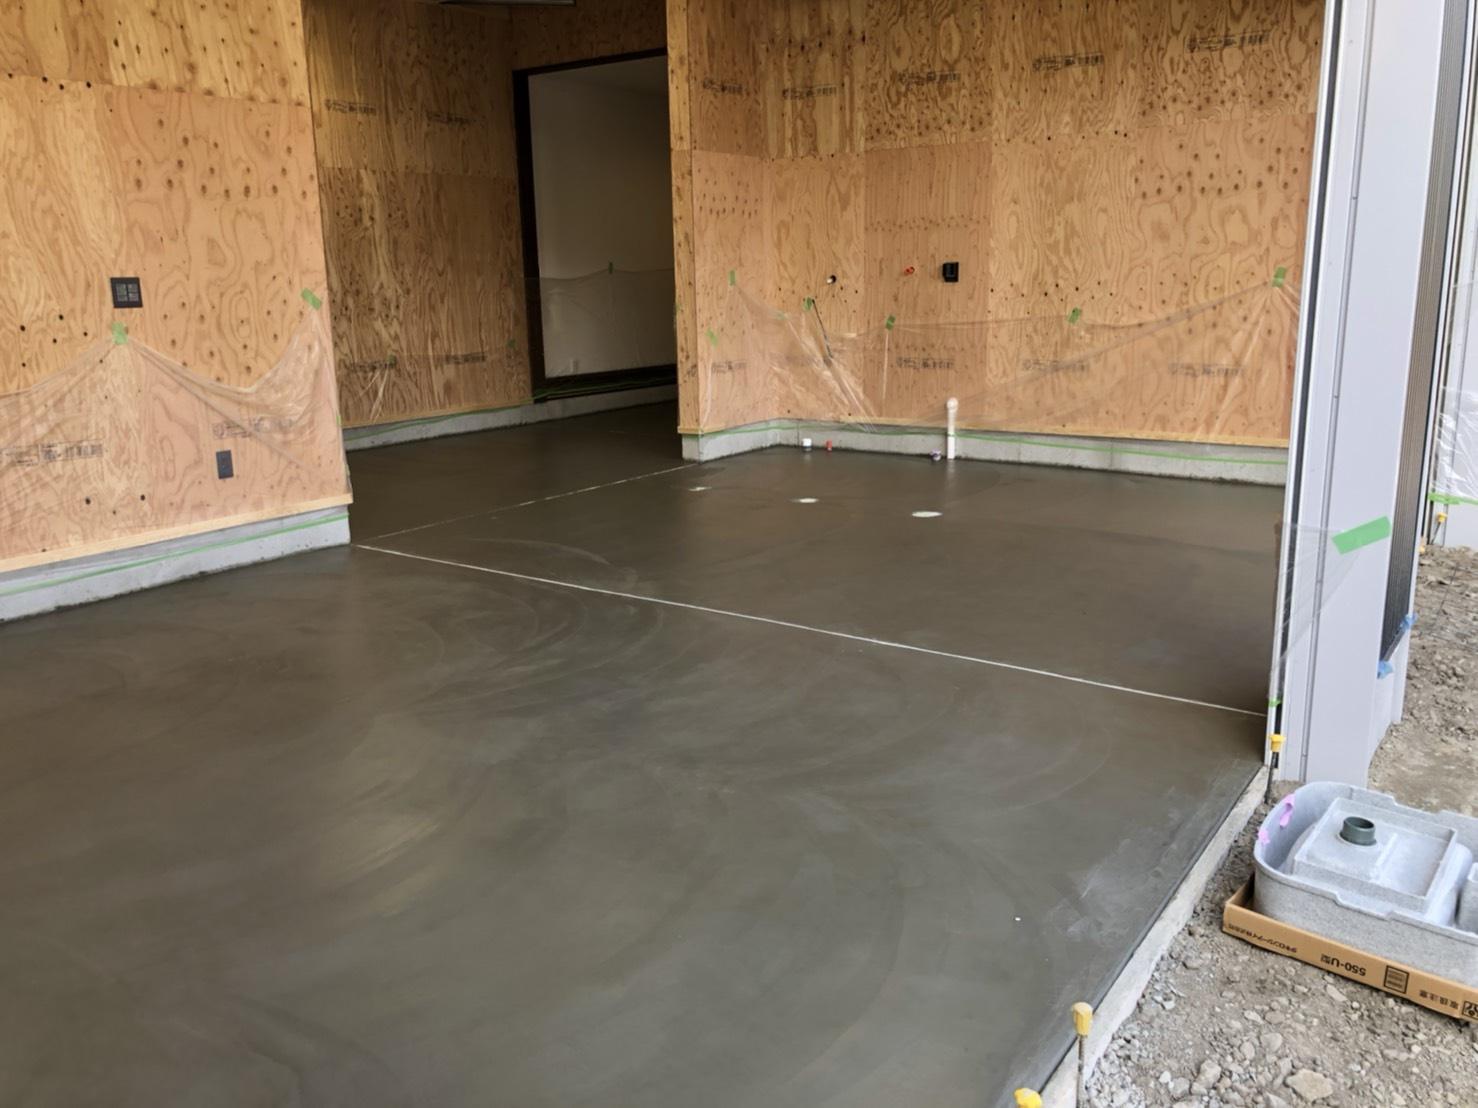 評判の良い電気屋さんの事務所新築工事